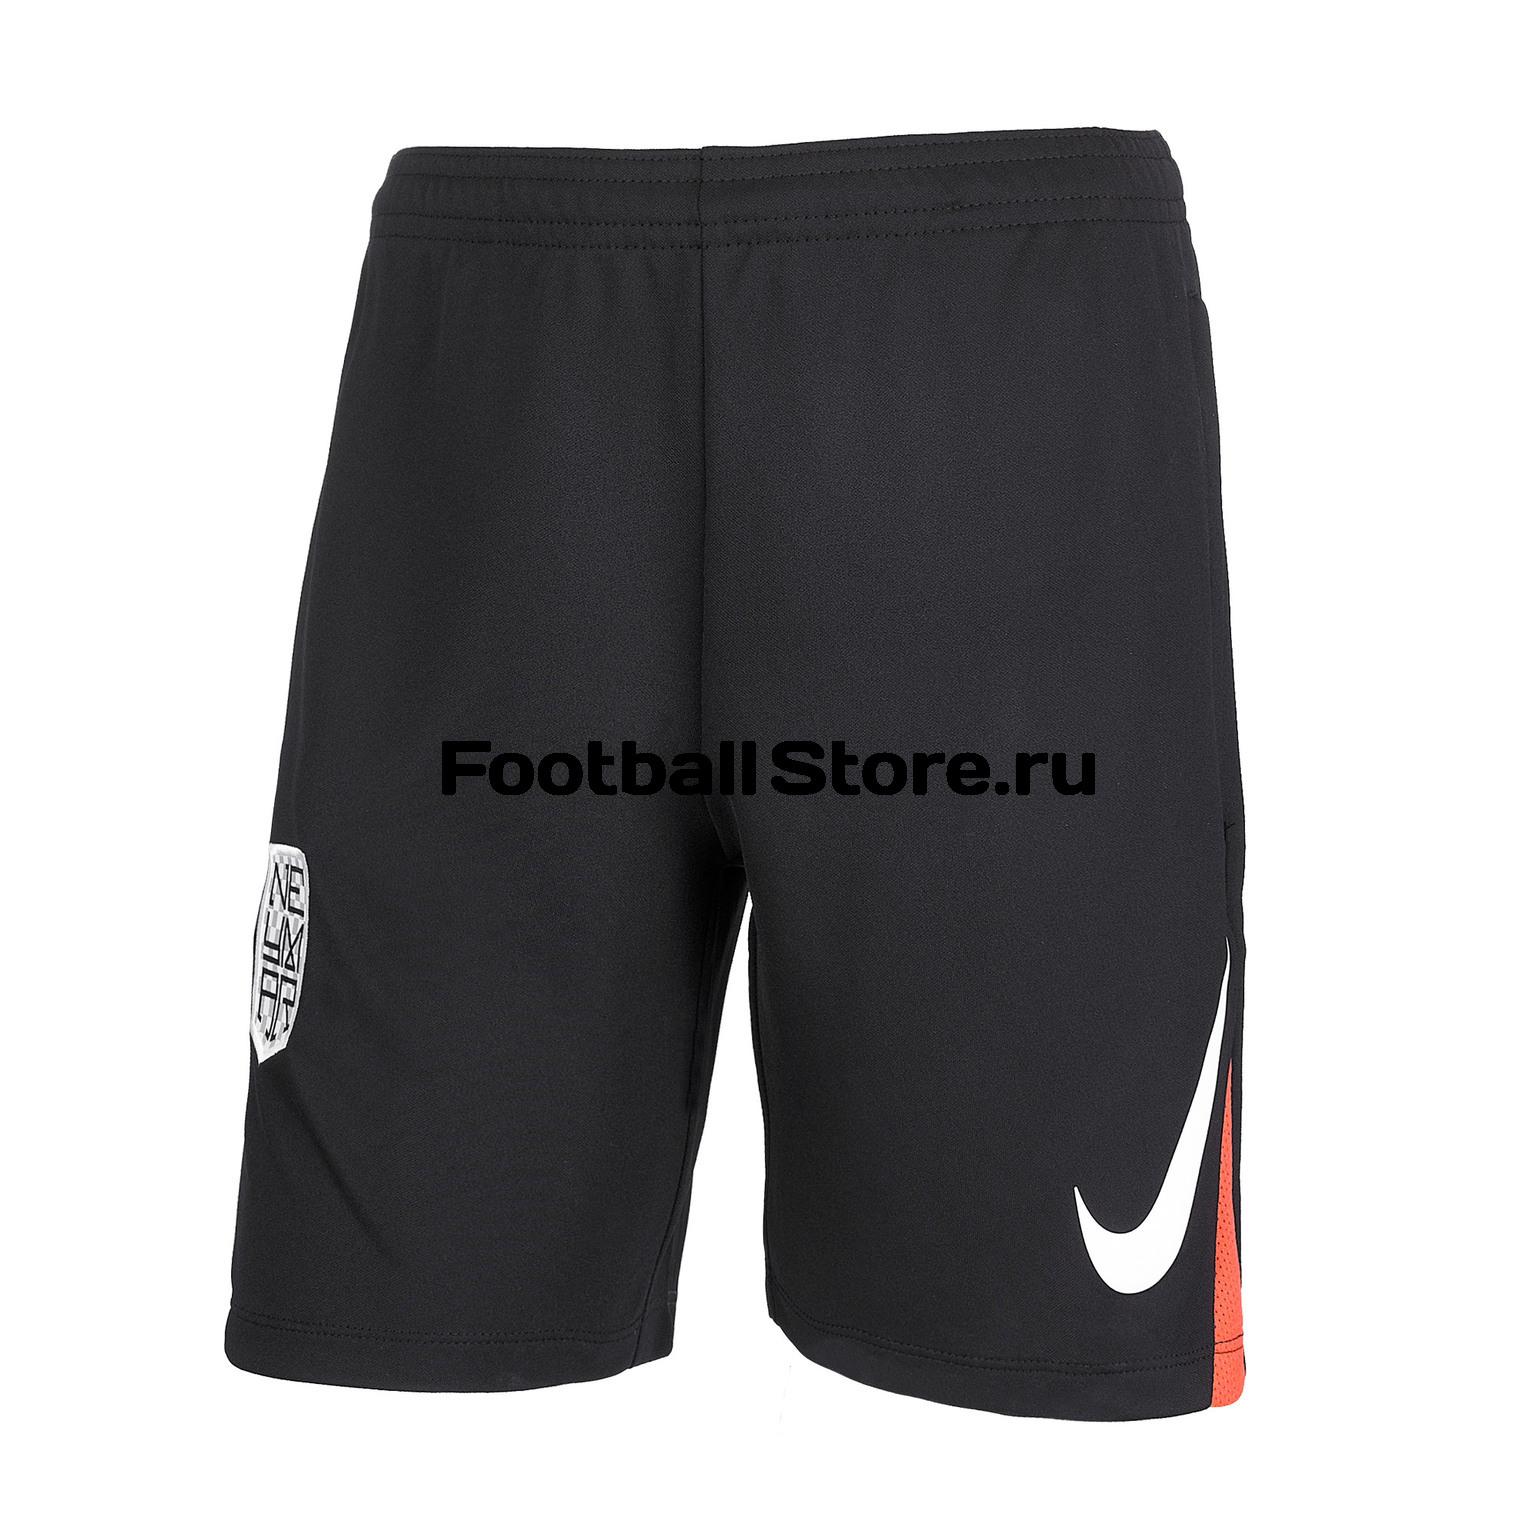 Шорты подростковые Nike Neymar Dry Short AT5727-010 цена и фото